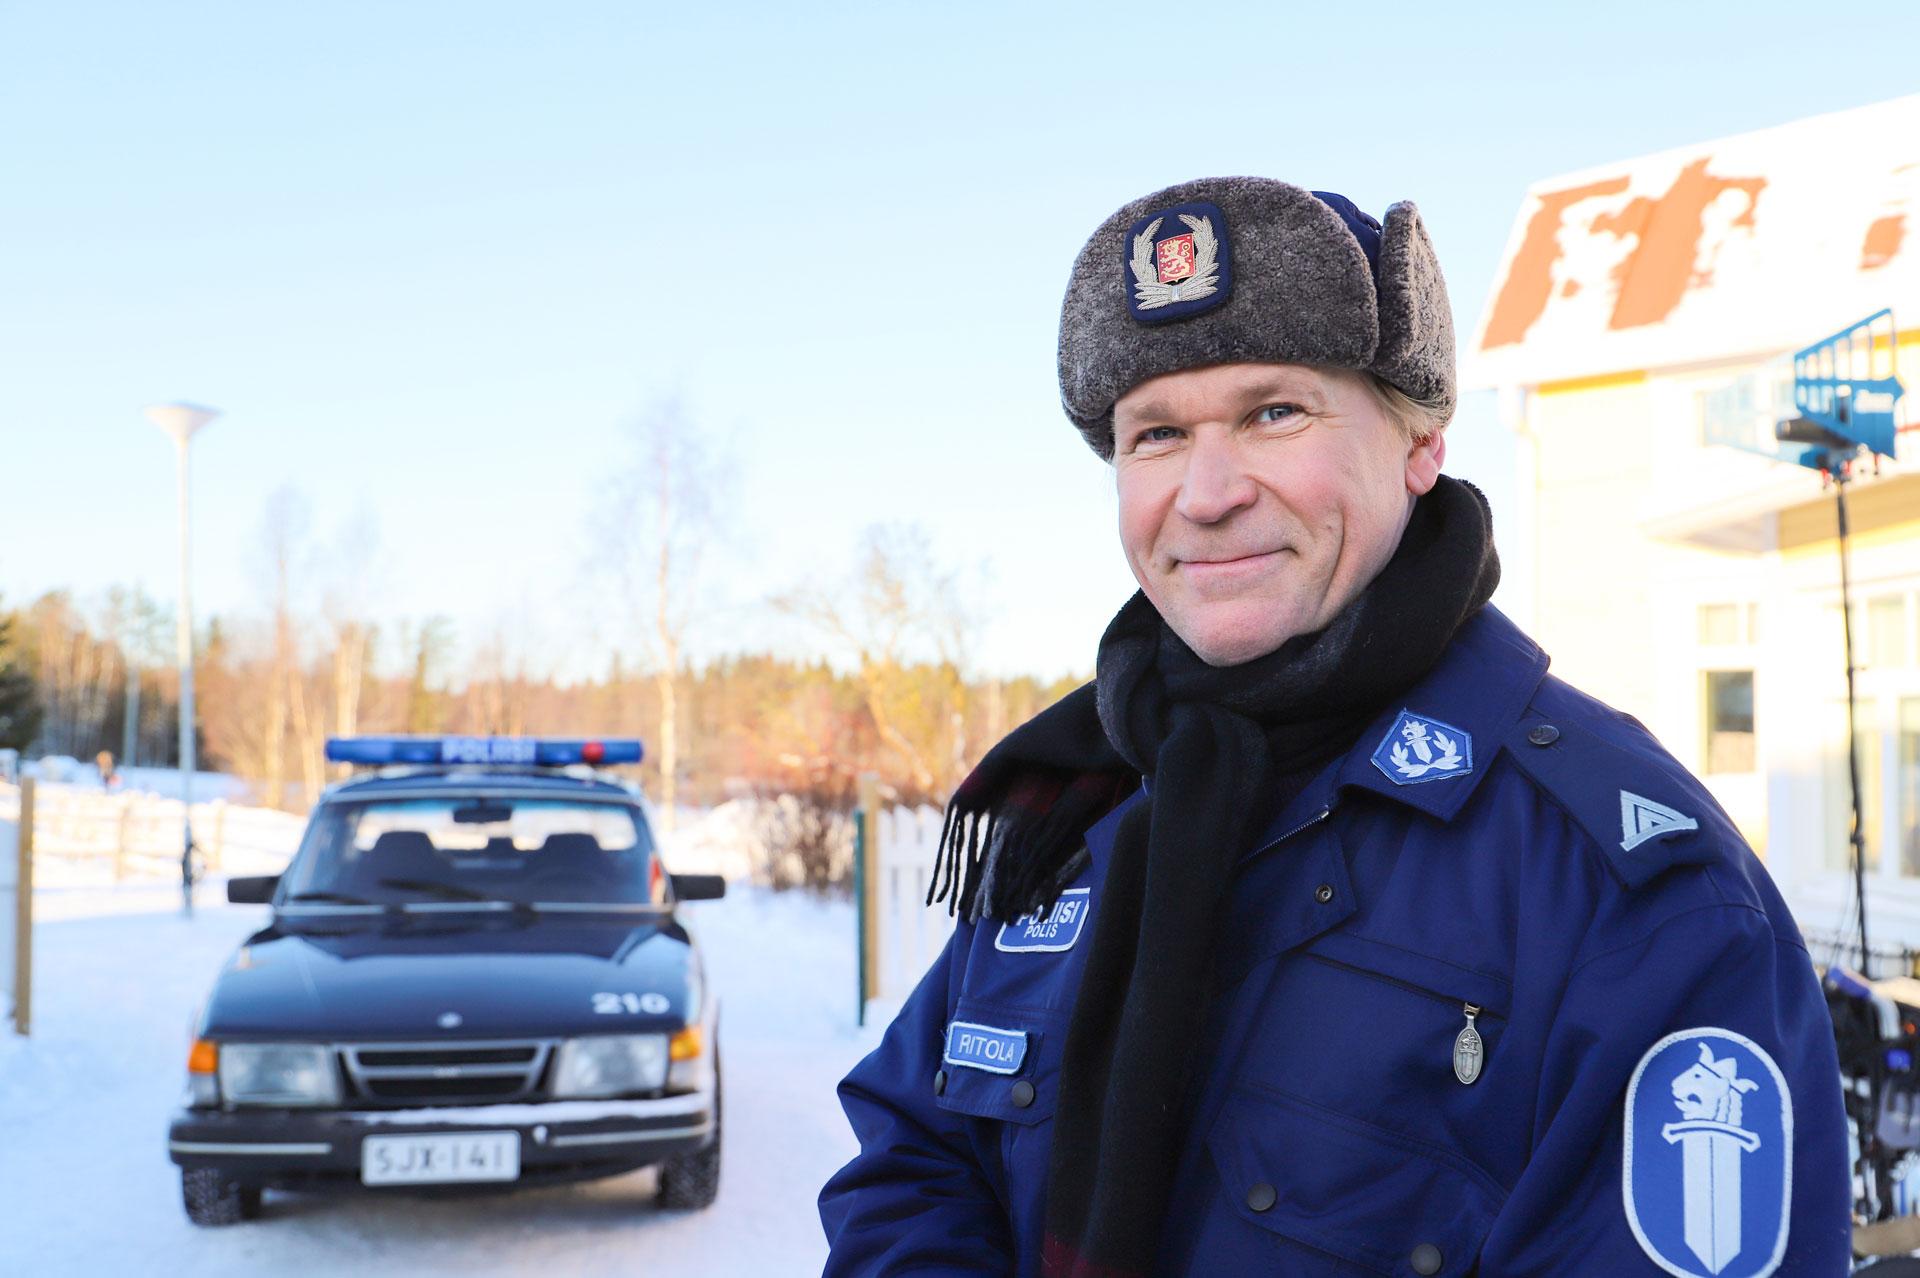 Kaikki synnit -ykköskausi jätti Oulun seudulle yli miljoona euroa - Mun Oulu